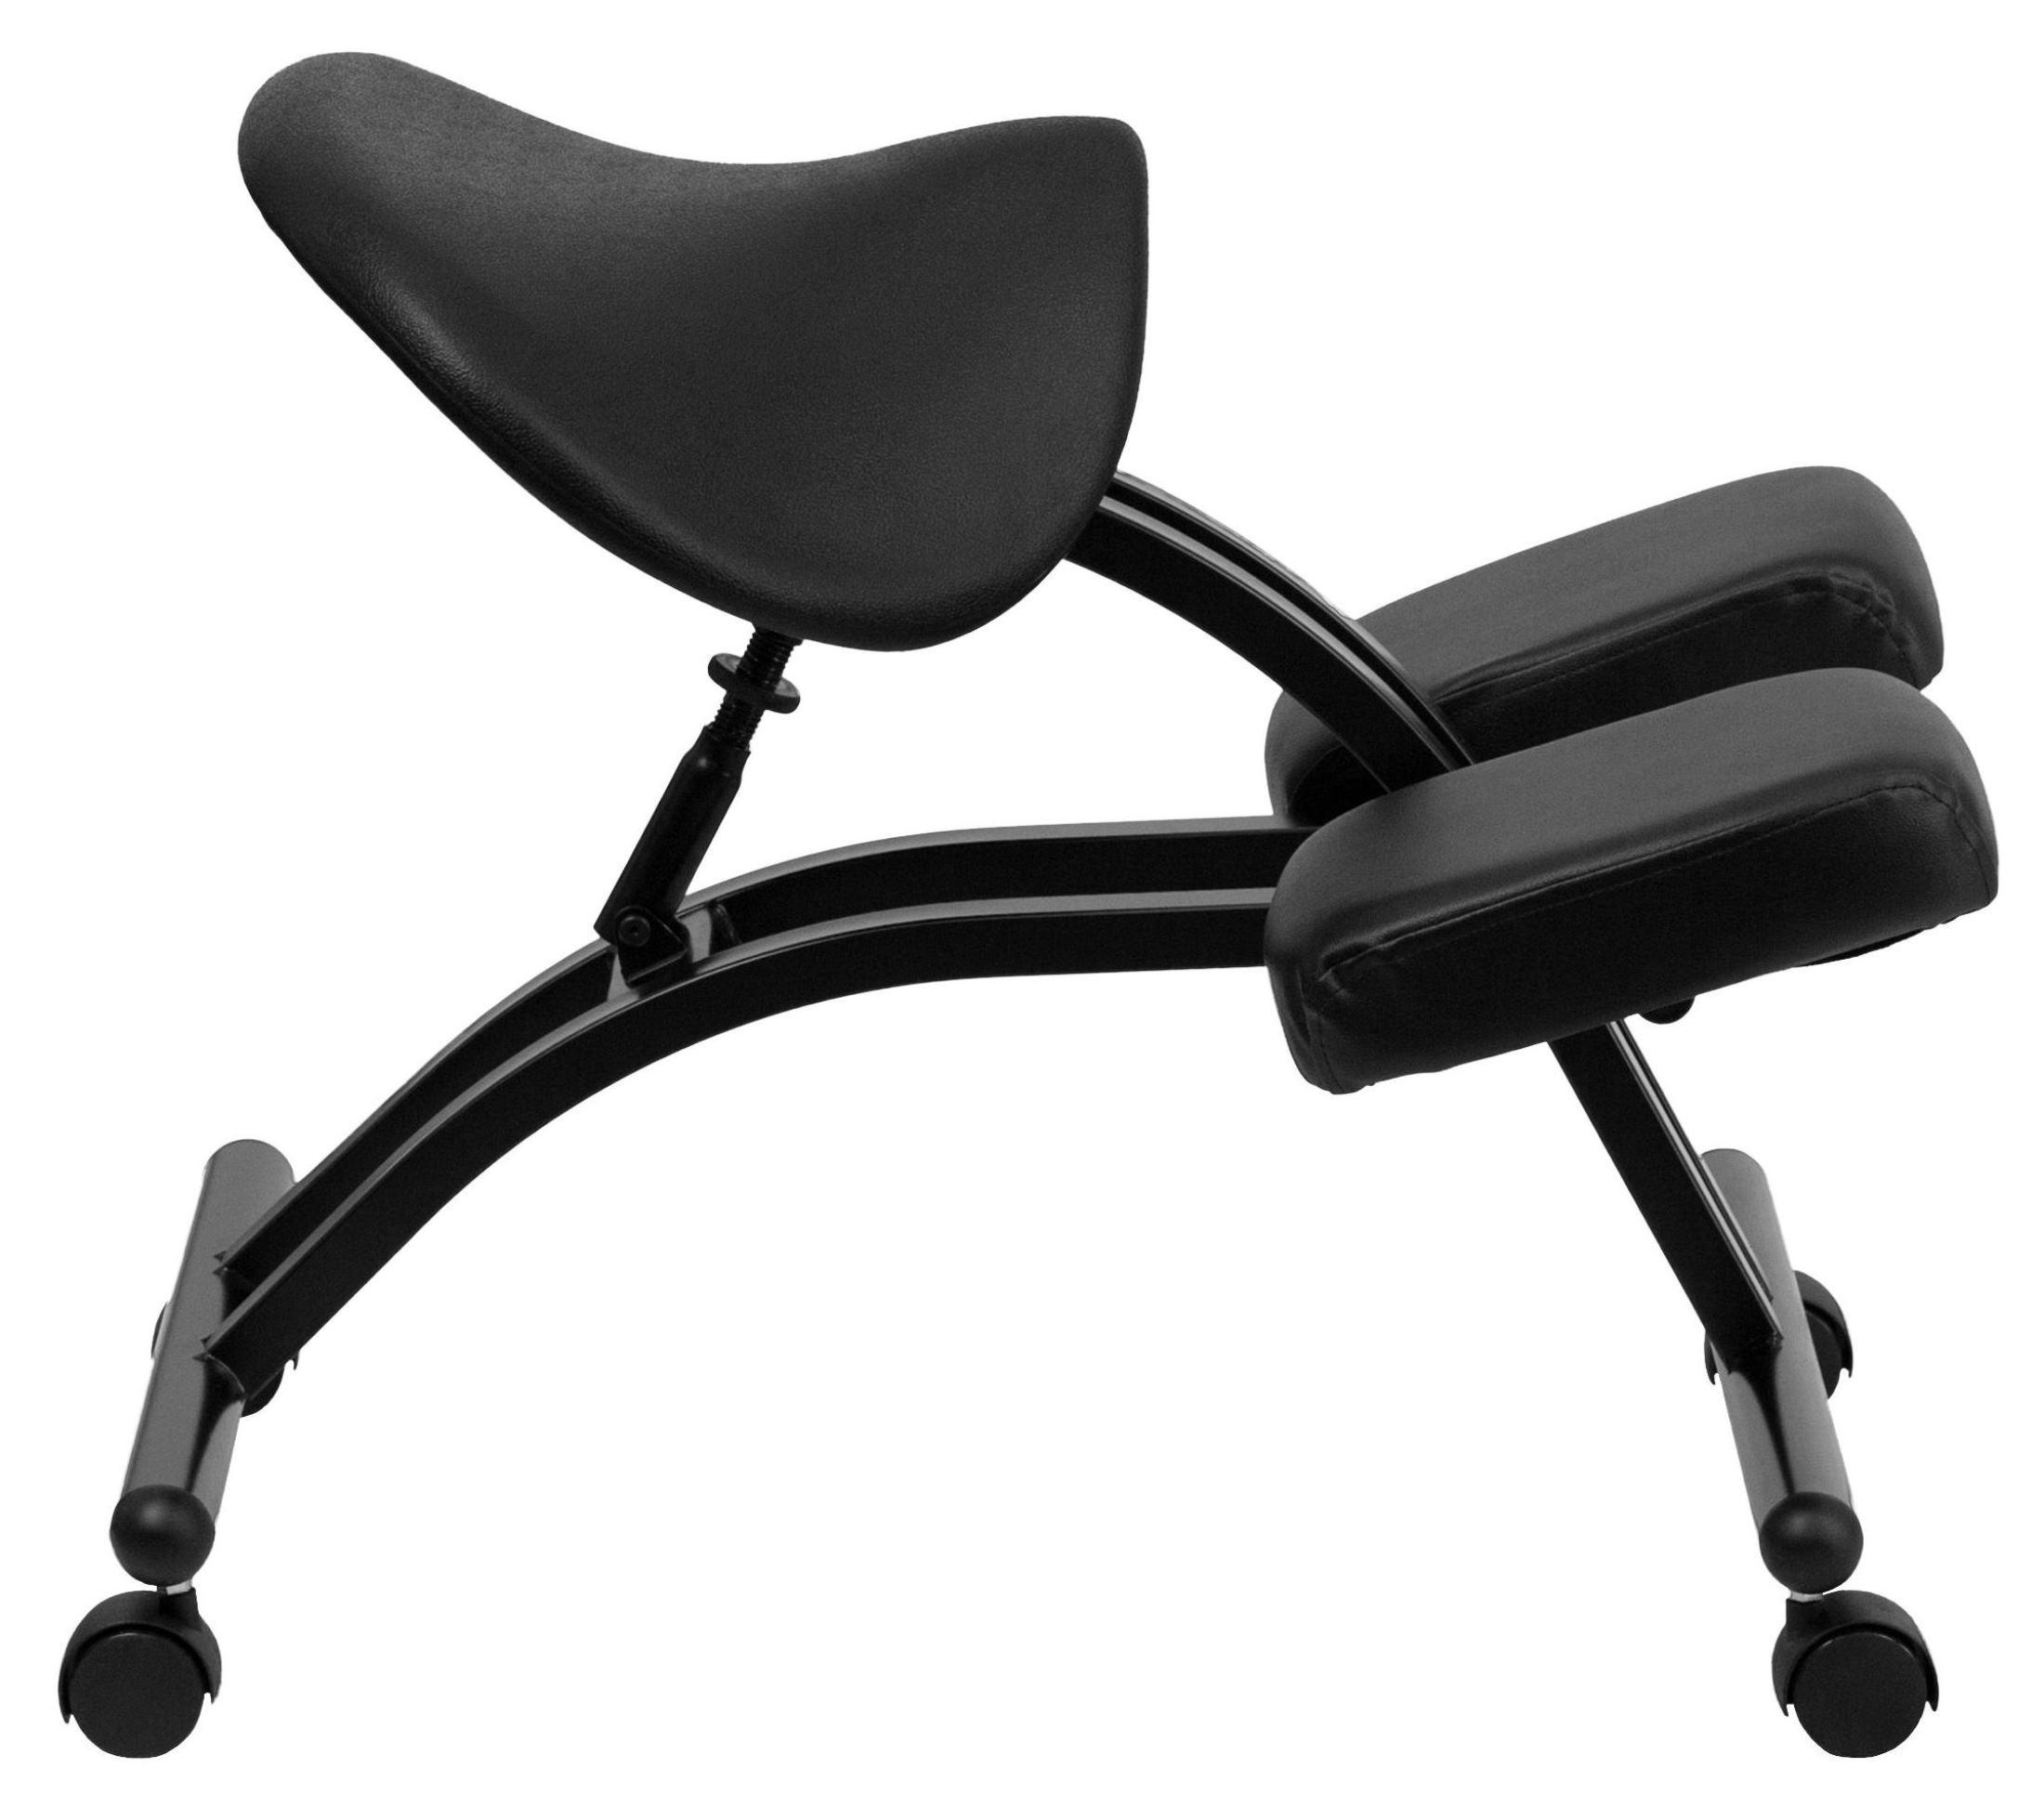 Black Saddle Seat Ergonomic Kneeling Chair From Renegade